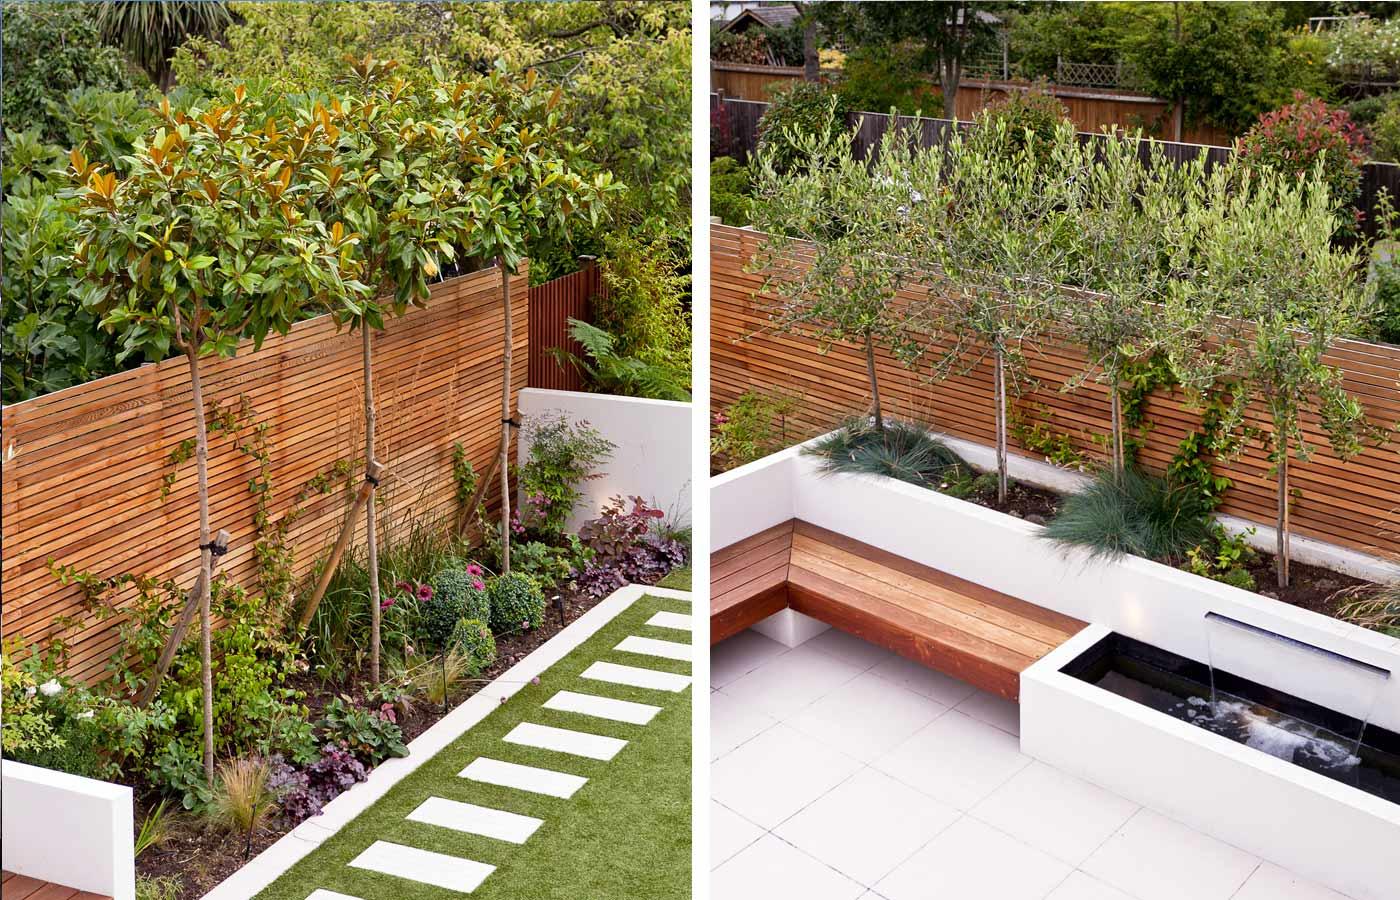 Long Thin Garden Design   Family Garden Design on Long Backyard Landscaping Ideas id=78870